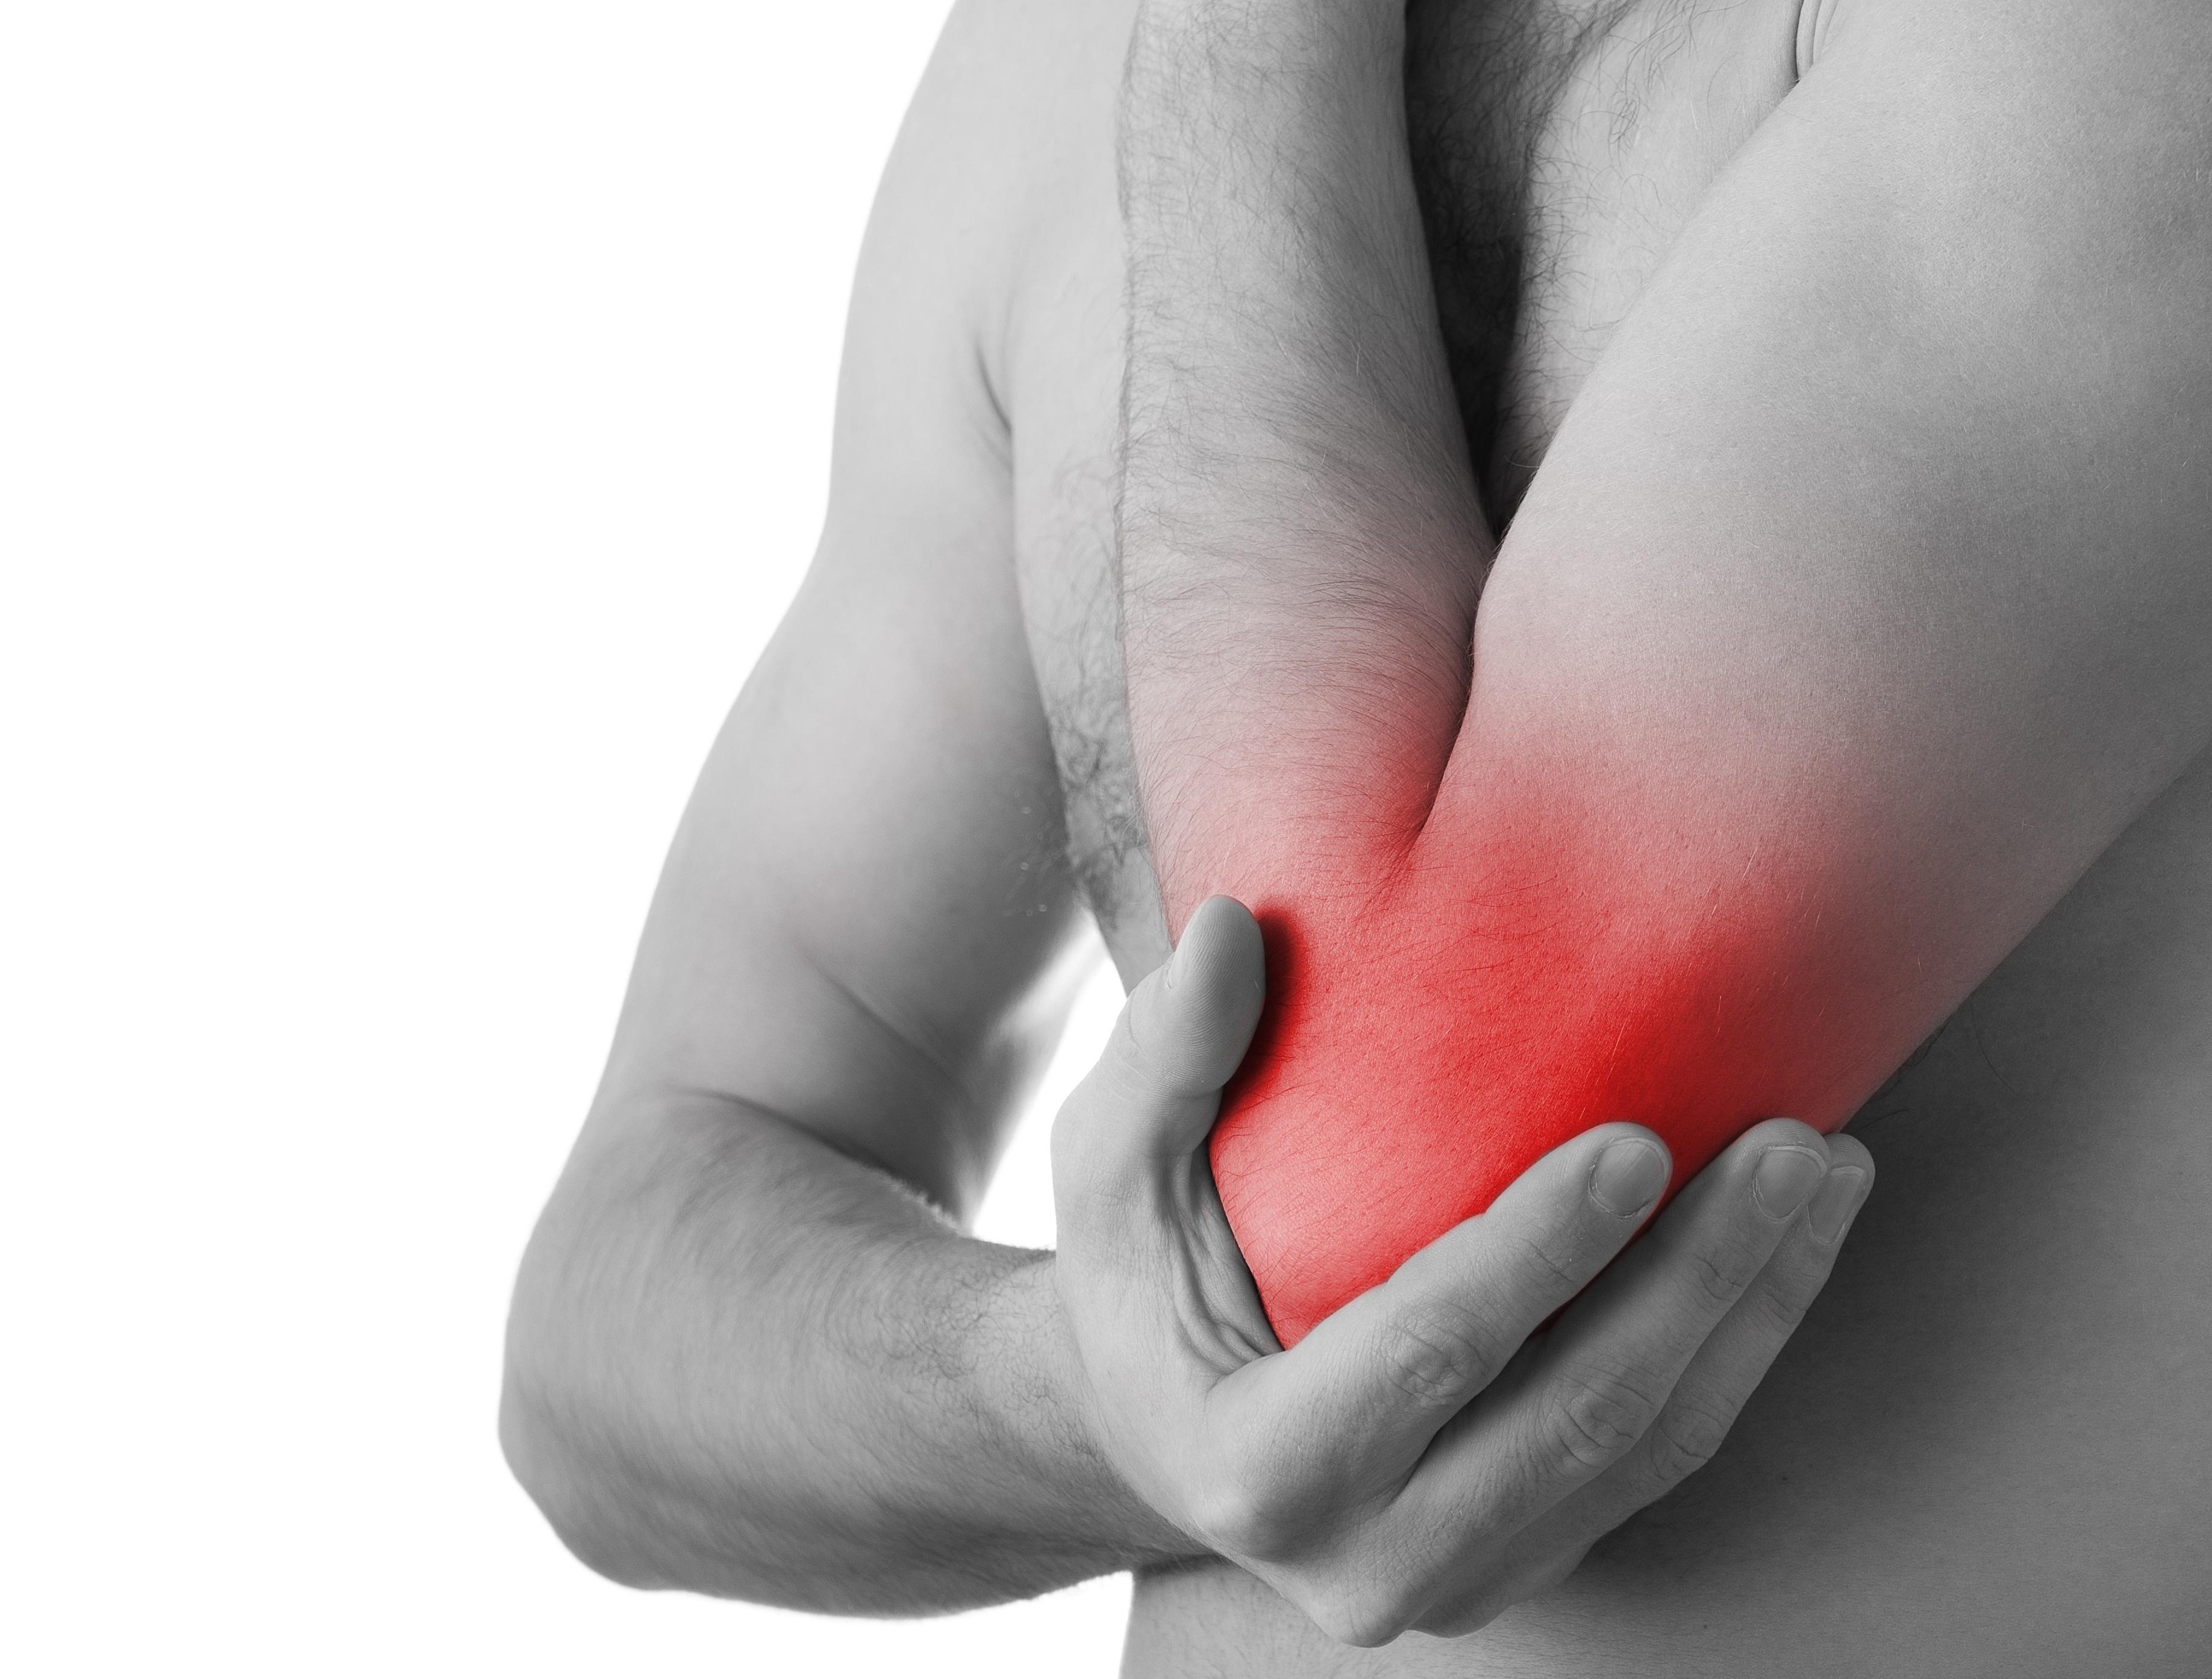 ami jó ízületi fájdalmak esetén gyógyszerek súlyos csípőfájdalmakhoz